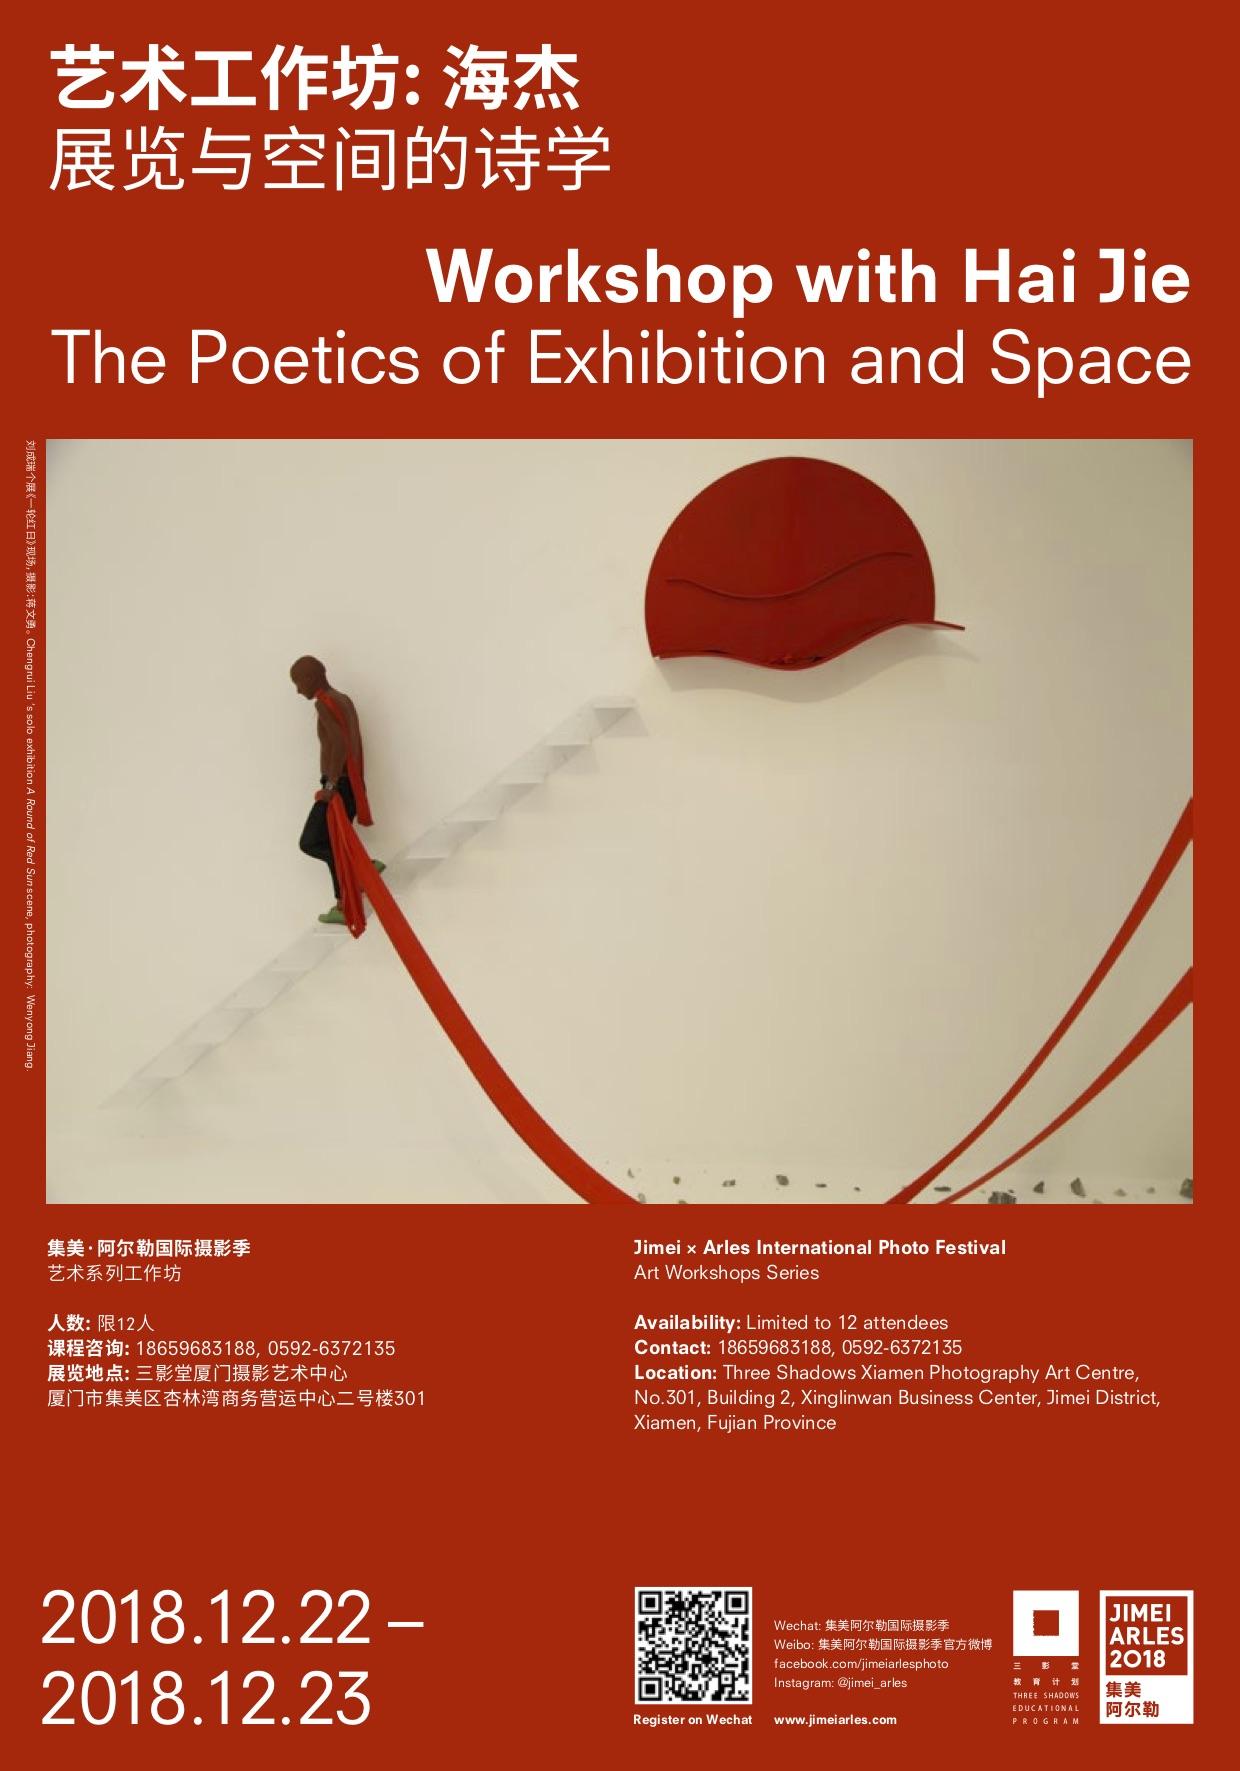 JIMEIARLES_Workshop Poster_Digital_Hai_Jie.jpg